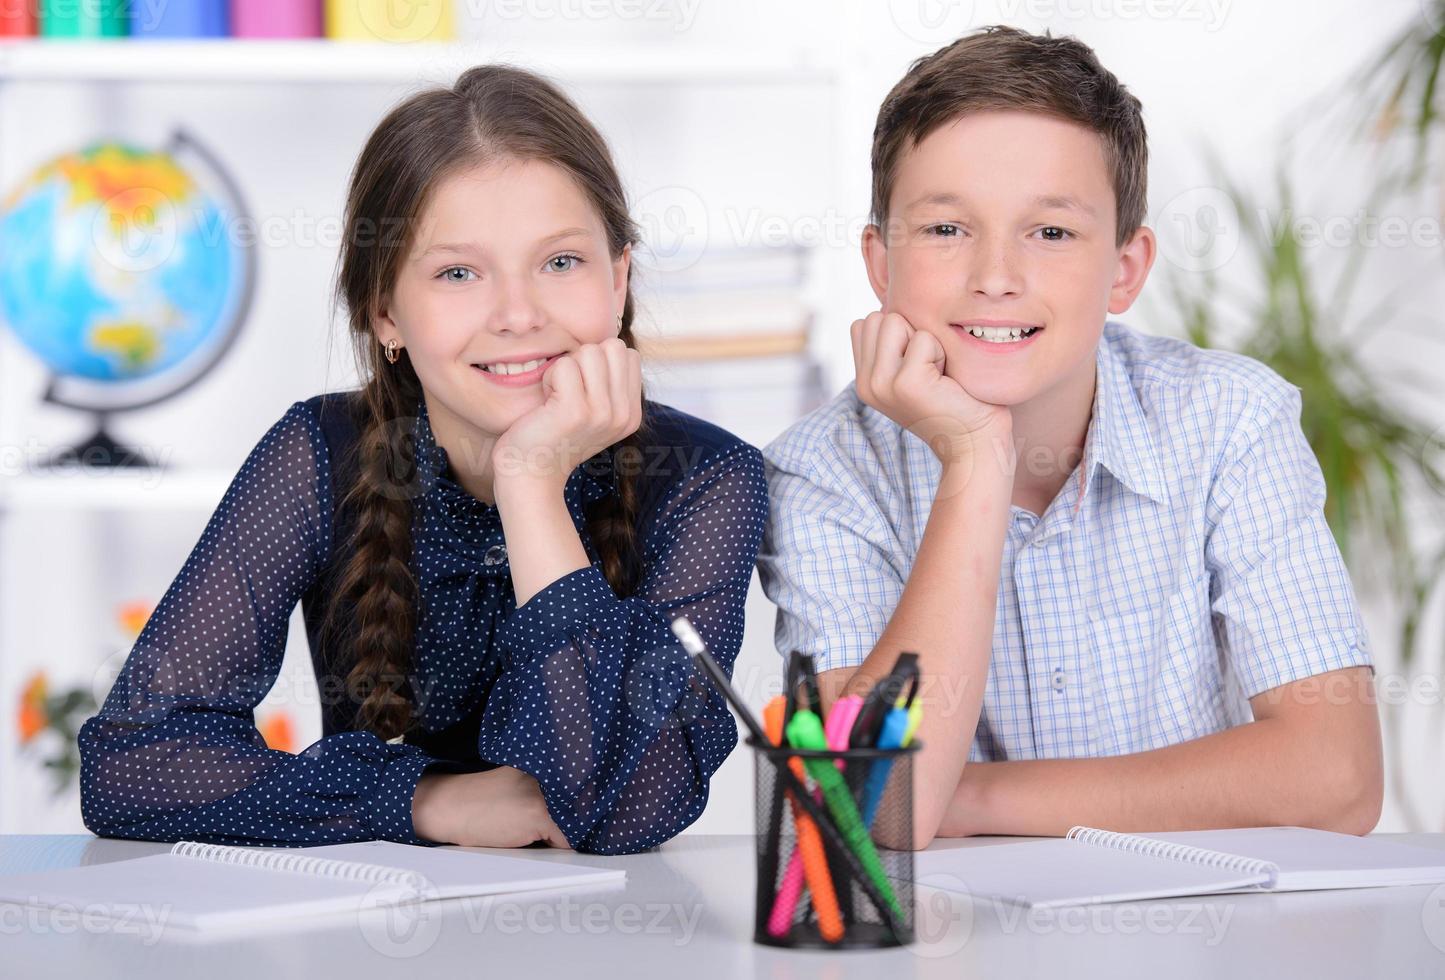 écoliers photo